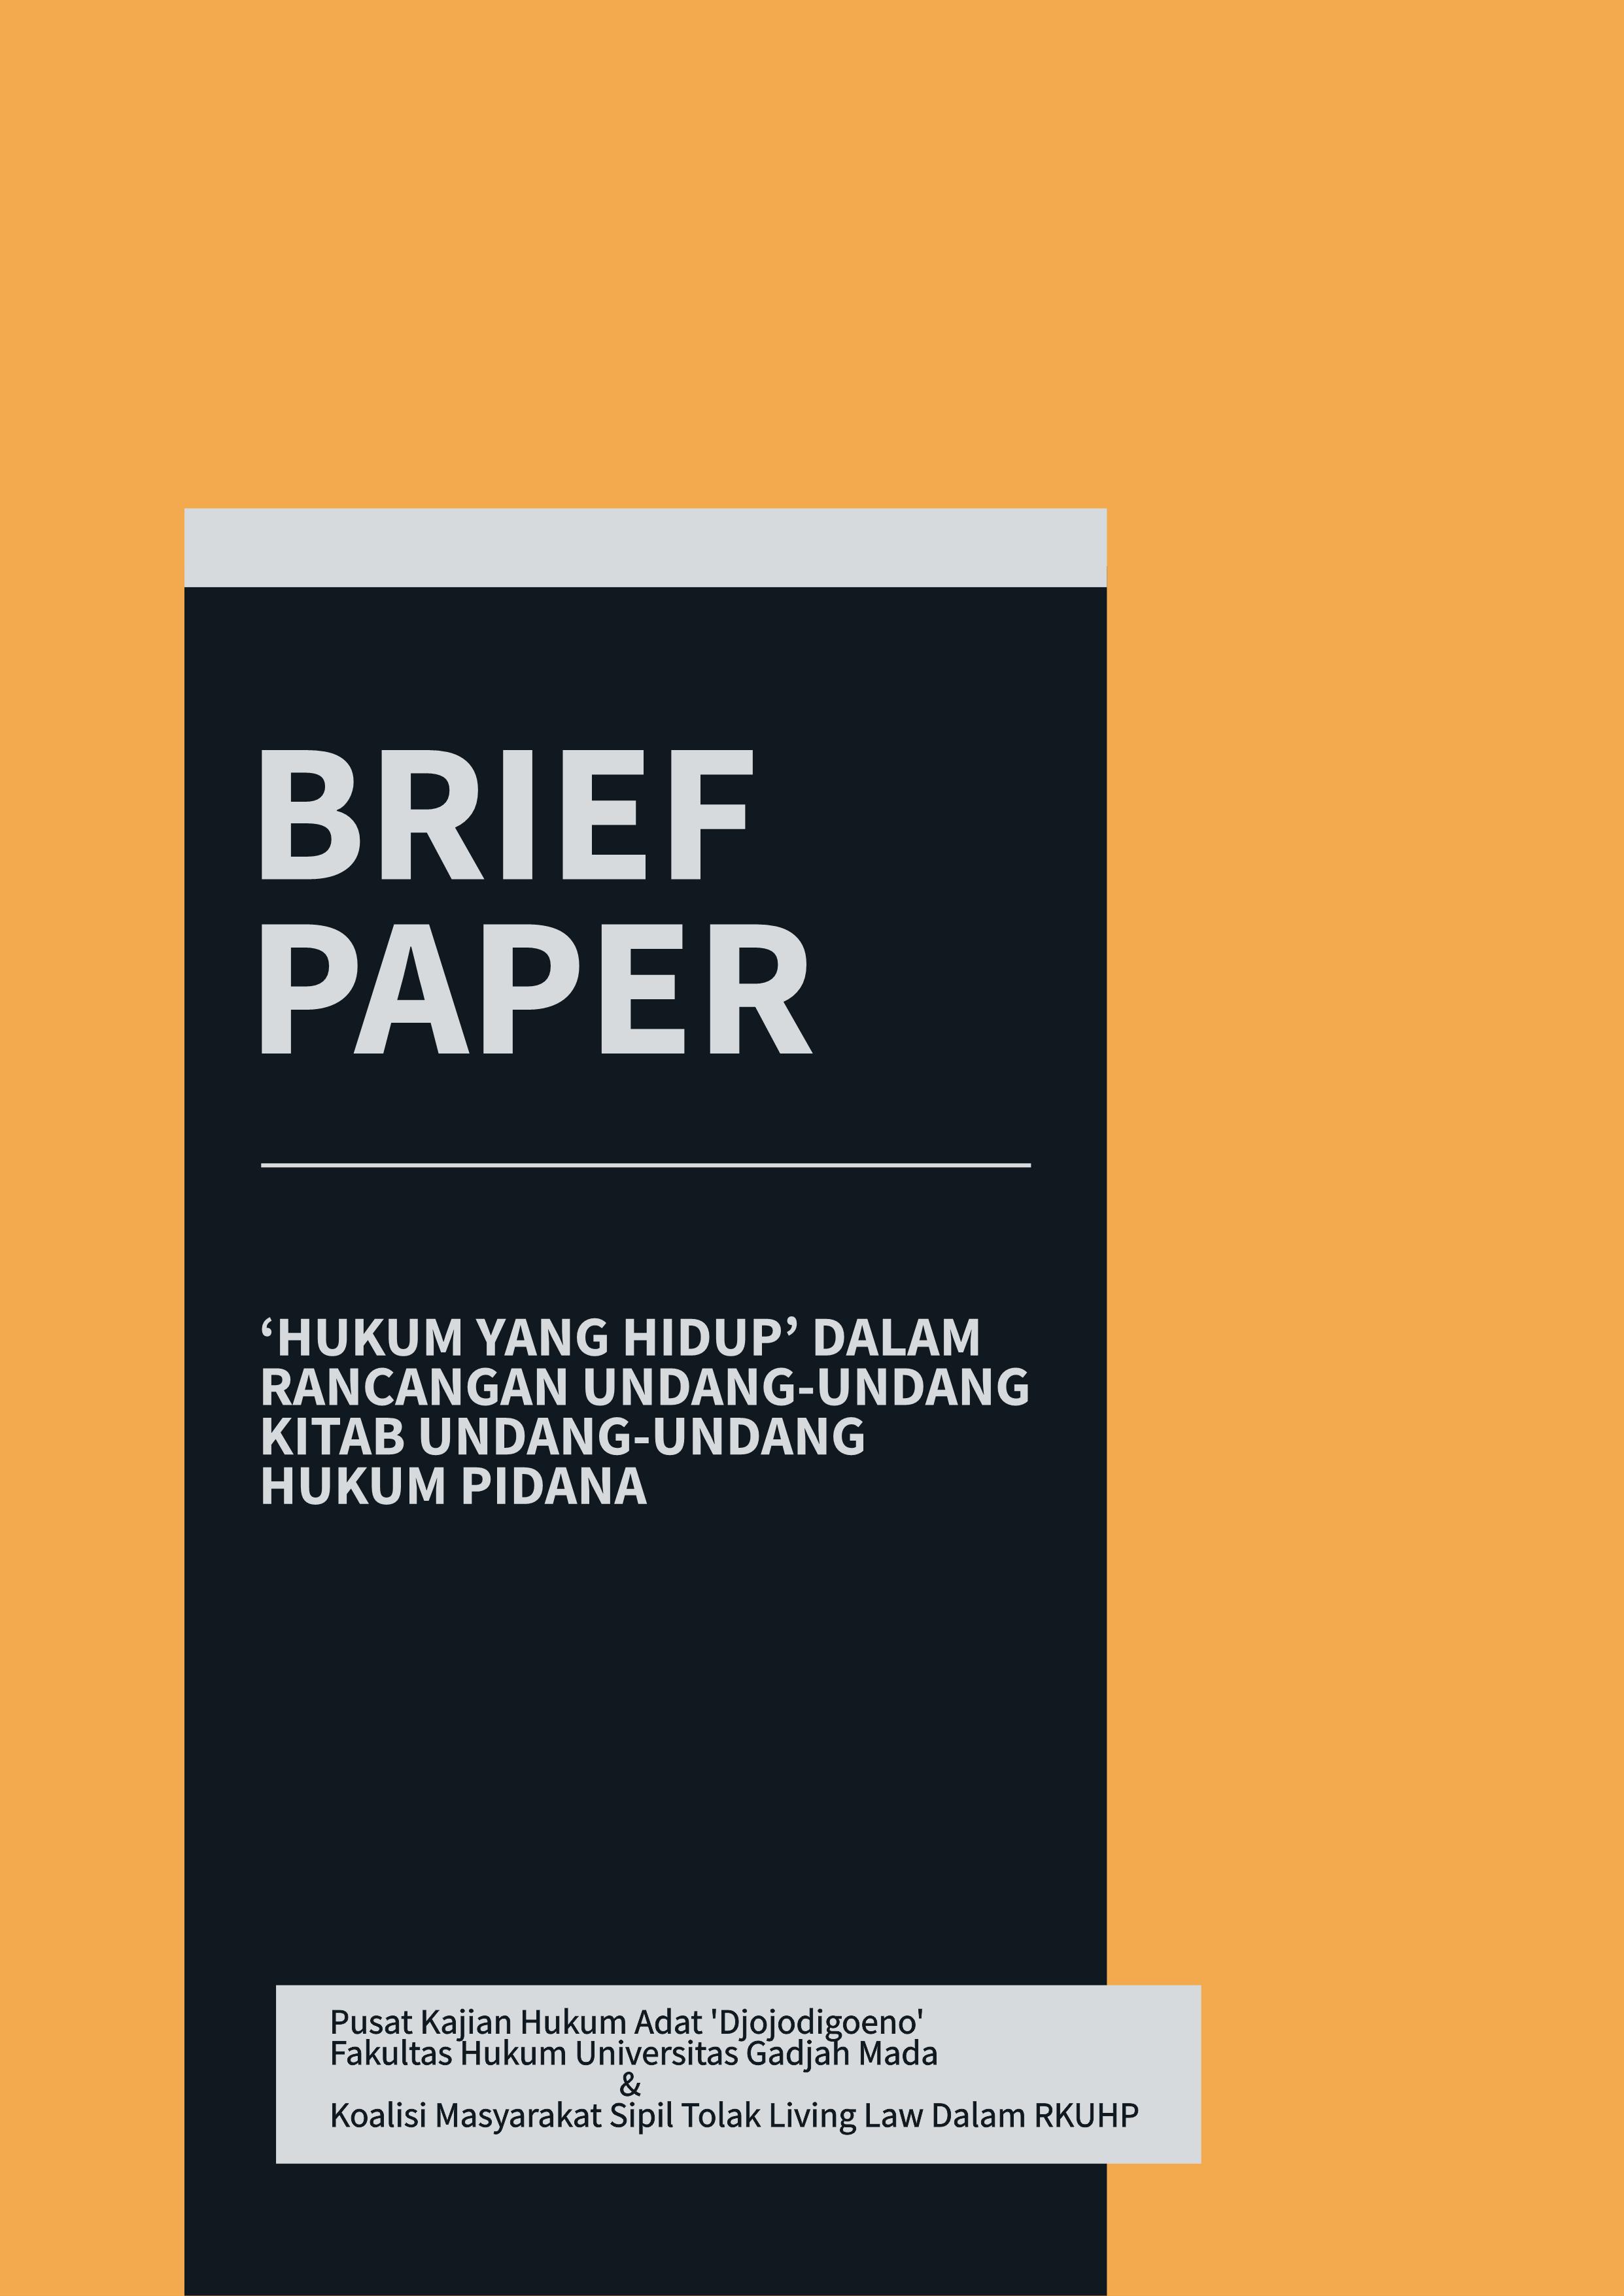 Brief Paper : 'Hukum Yang Hidup' dalam Rancangan Undang-Undang Kitab Undang-Undang Hukum Pidana